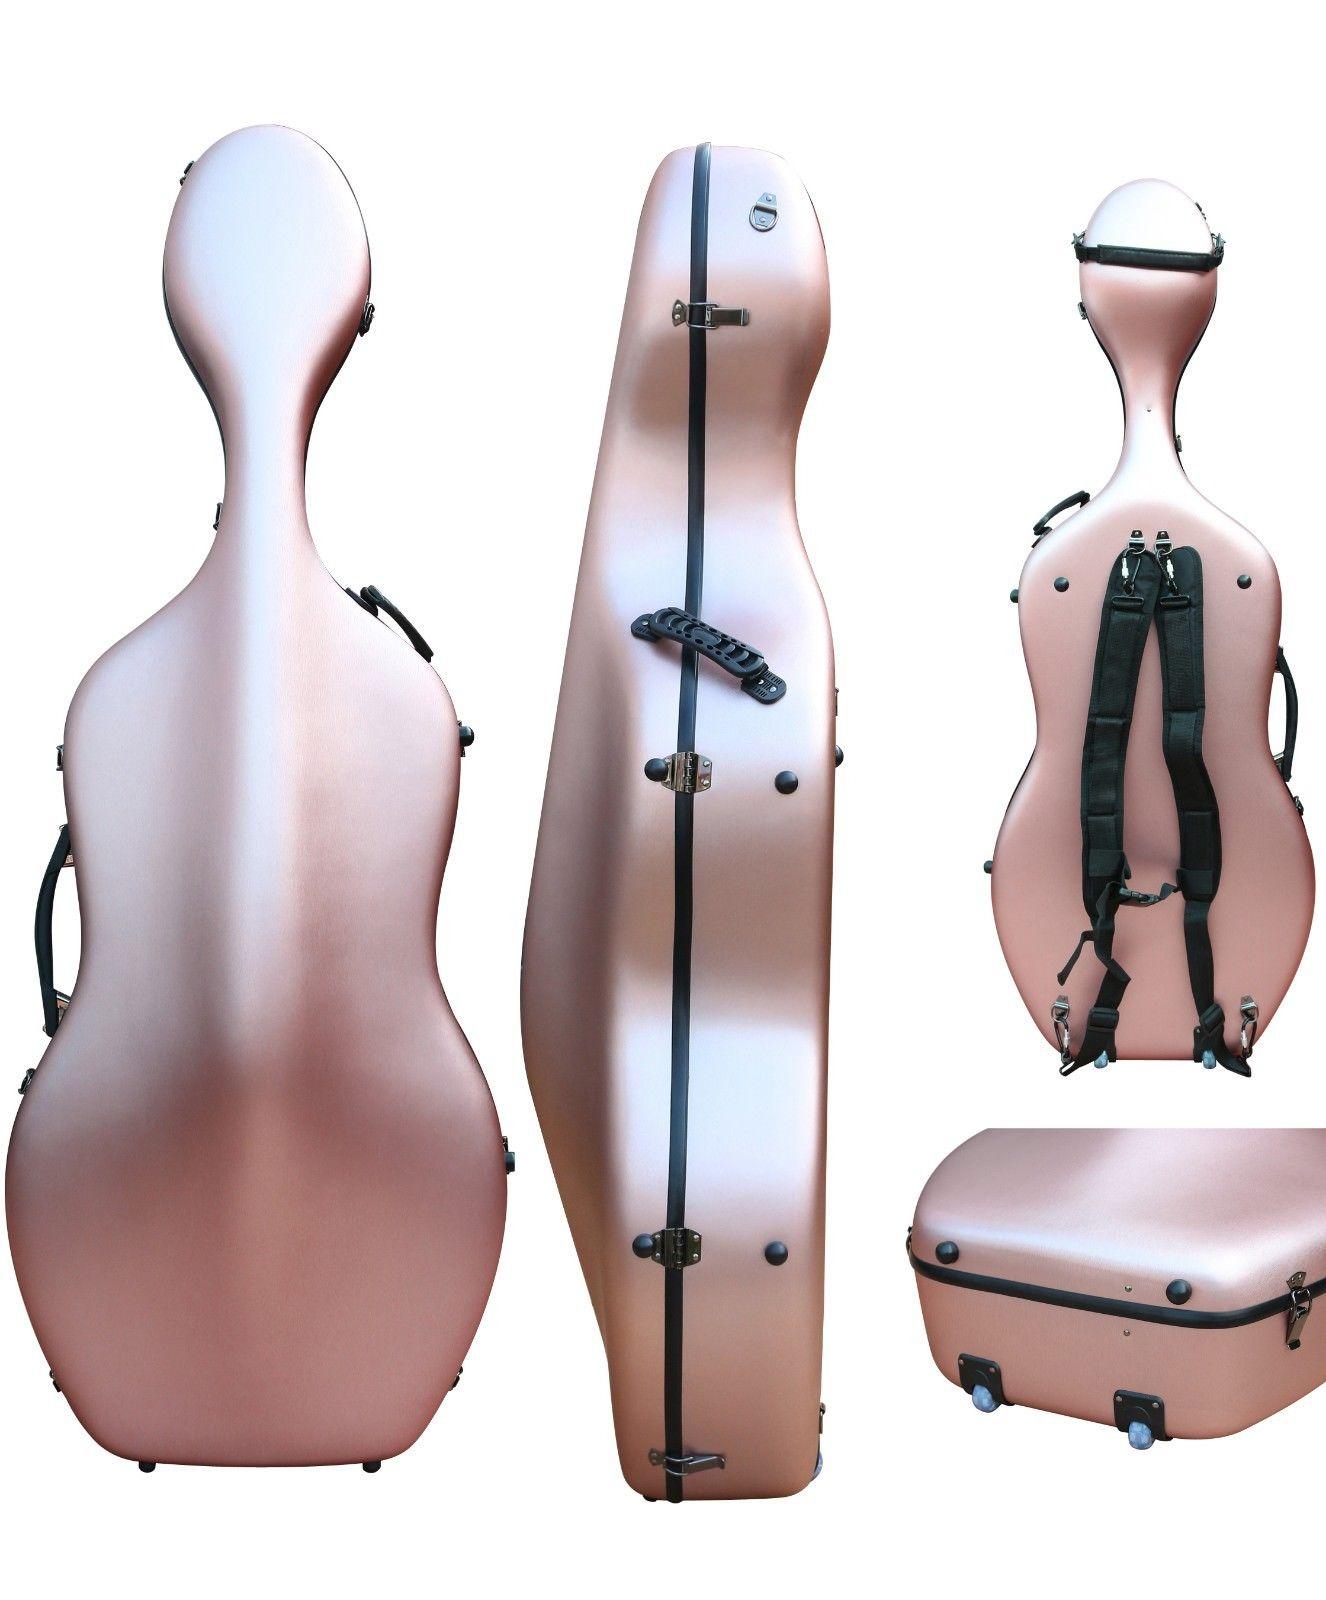 Étui pour violoncelle 4/4 en Fiber de carbone étui rigide pour violoncelle Rose doré lumière forte 3.6 kg